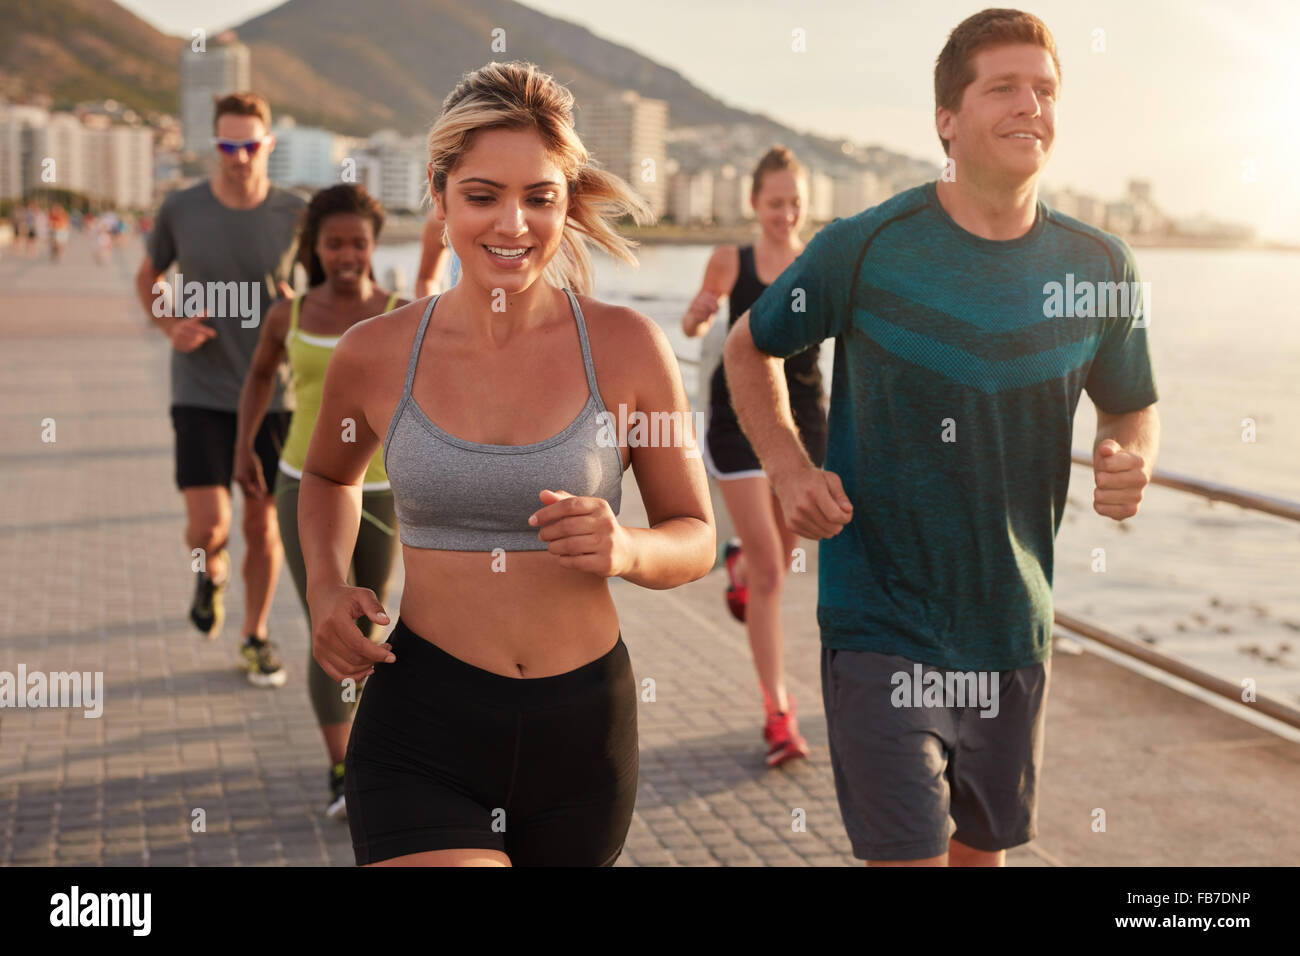 Porträt von Fit junge Frau mit Freunden auf der Straße am Meer entlang laufen. Laufenden Club Gruppe Training Stockbild